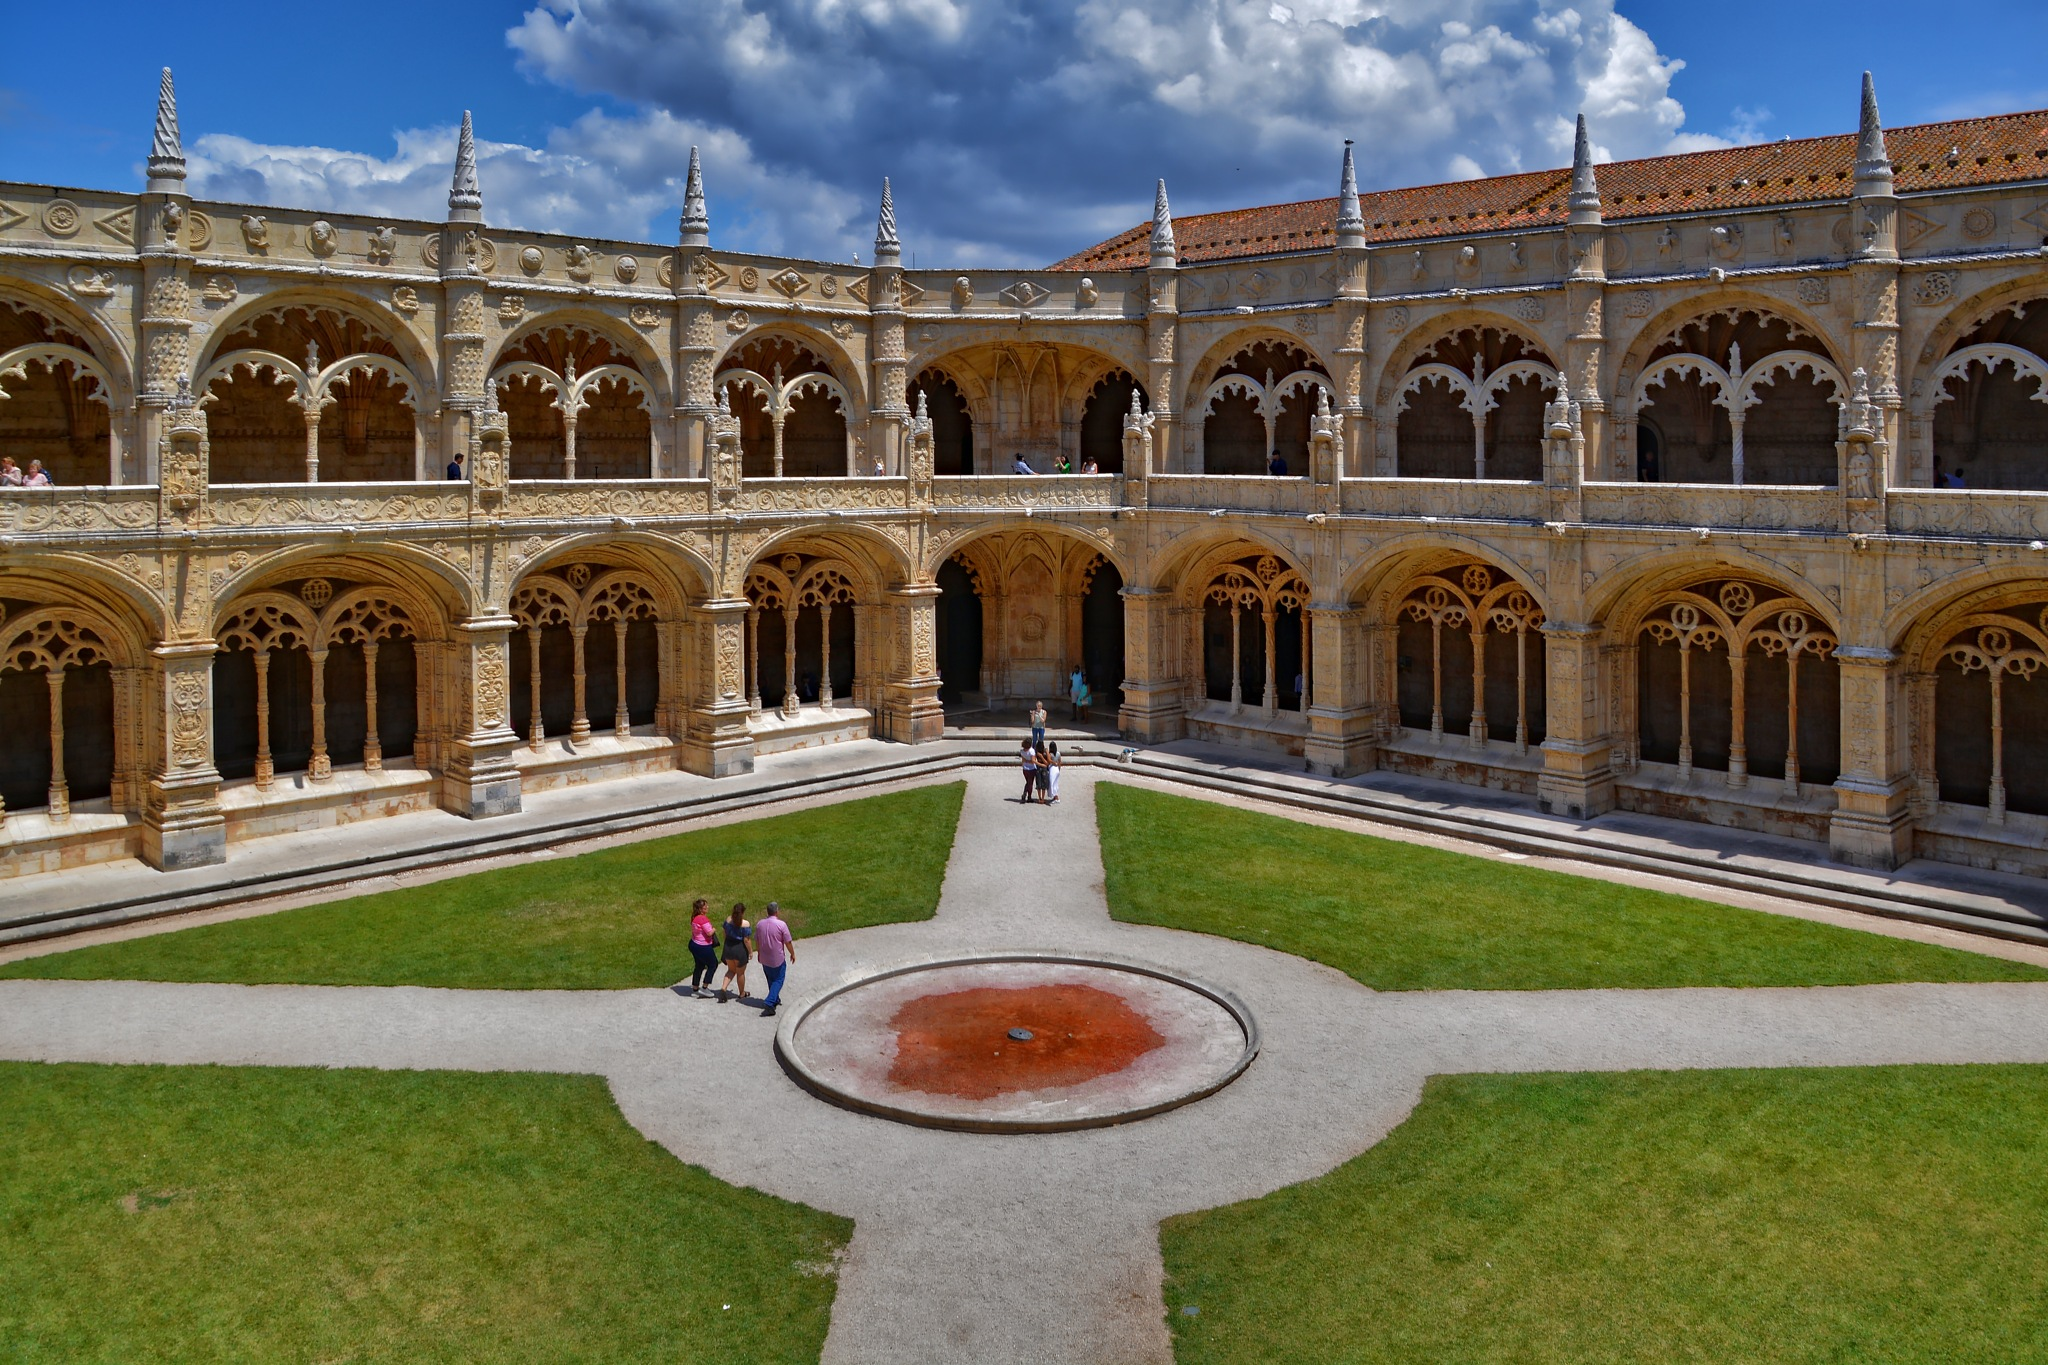 Mosteiro dos Jerónimos, Belem, Lissabon by MSchirmann